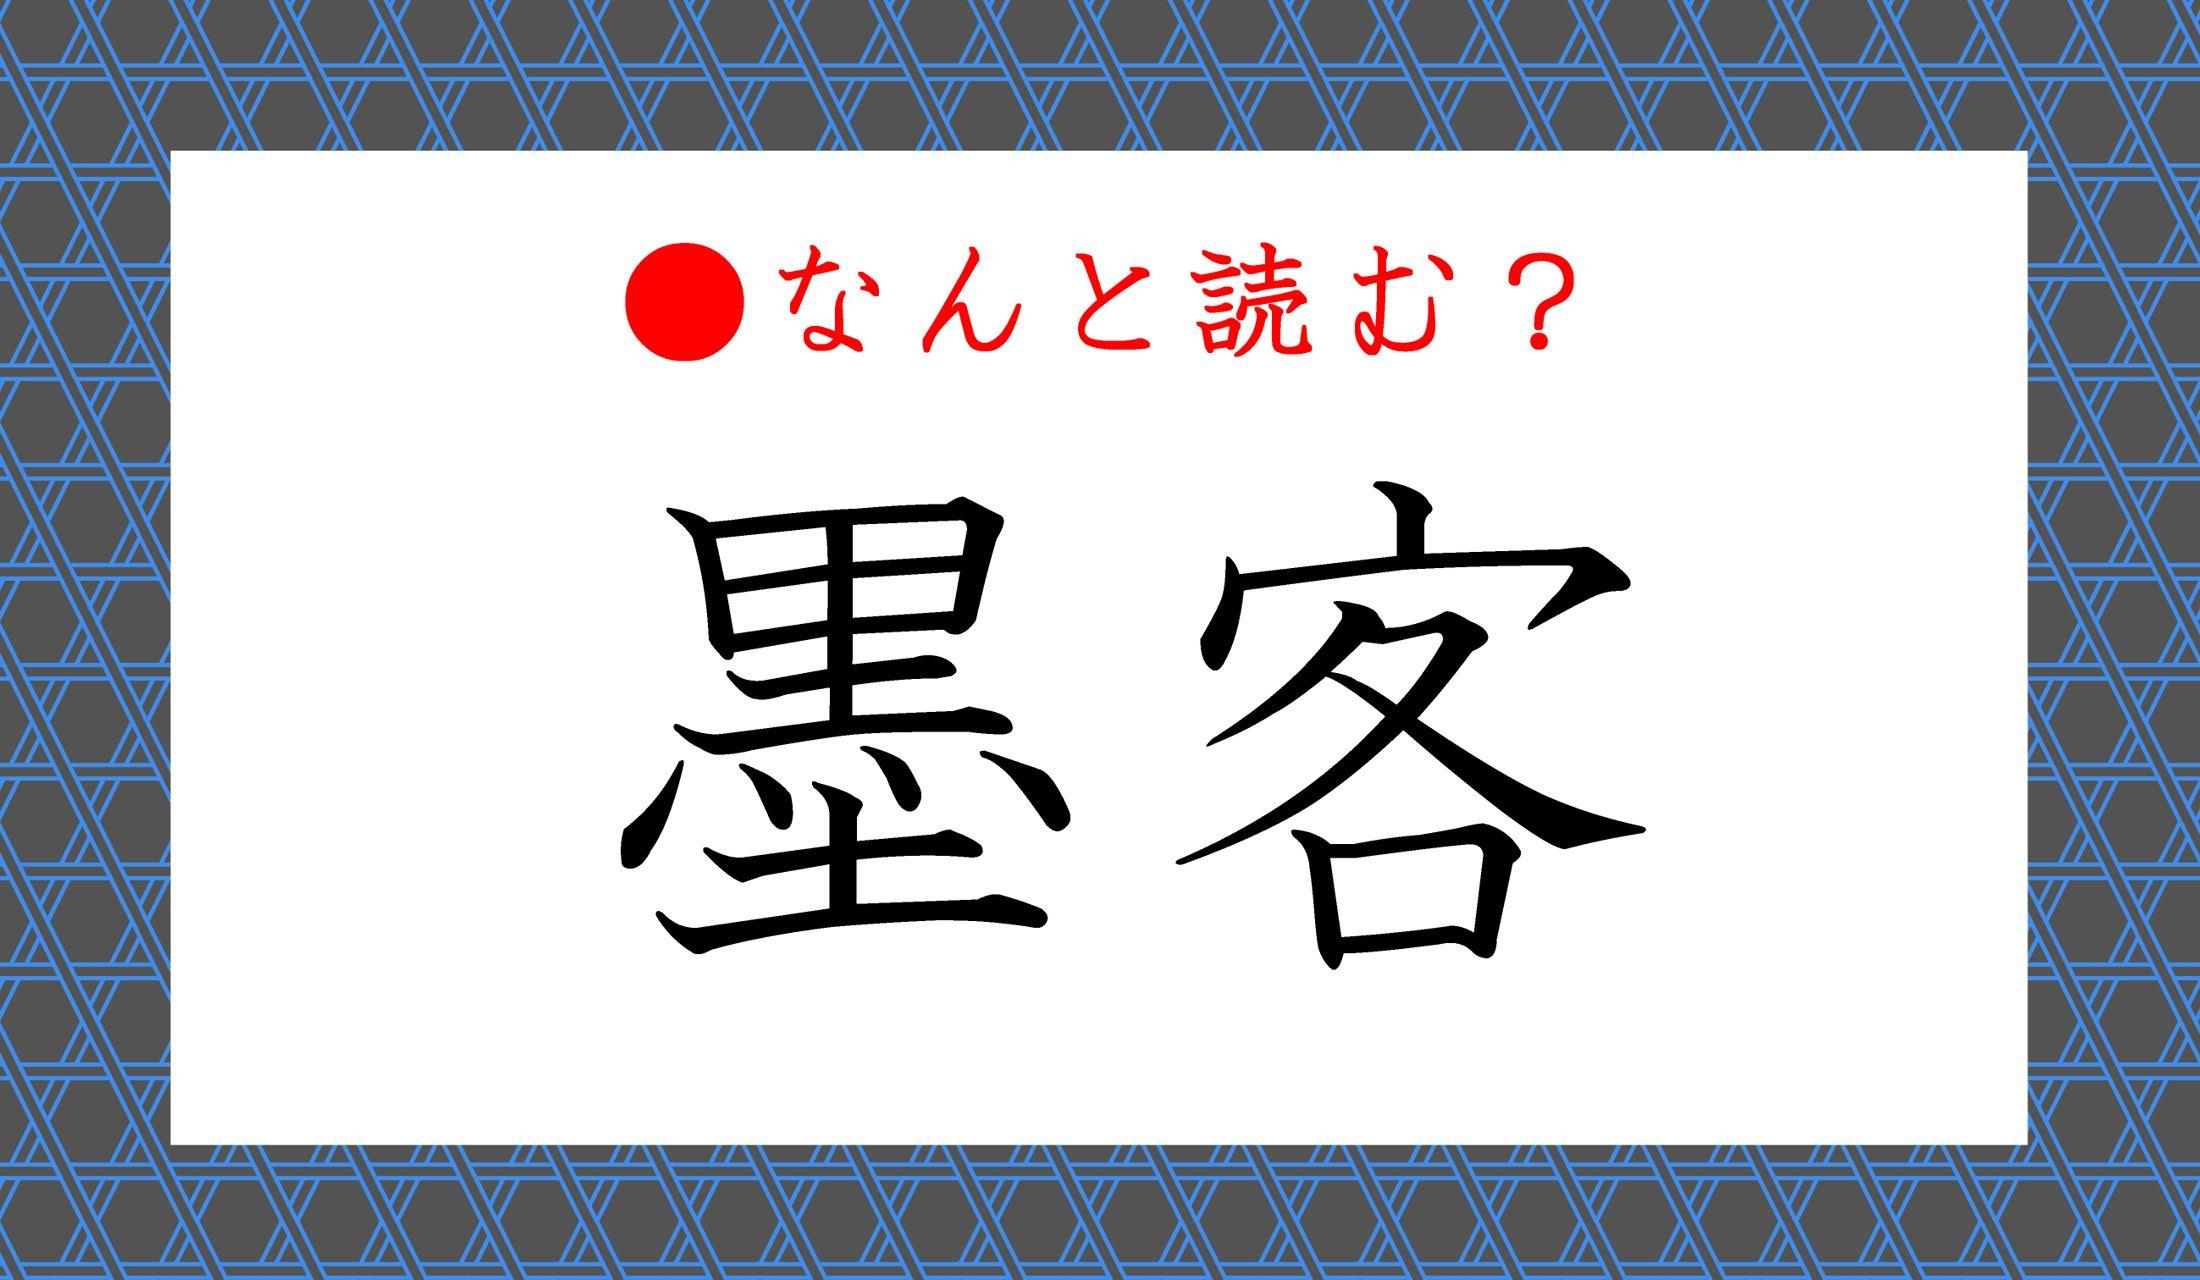 日本語クイズ 出題画像 難読漢字 「墨客」なんと読む?